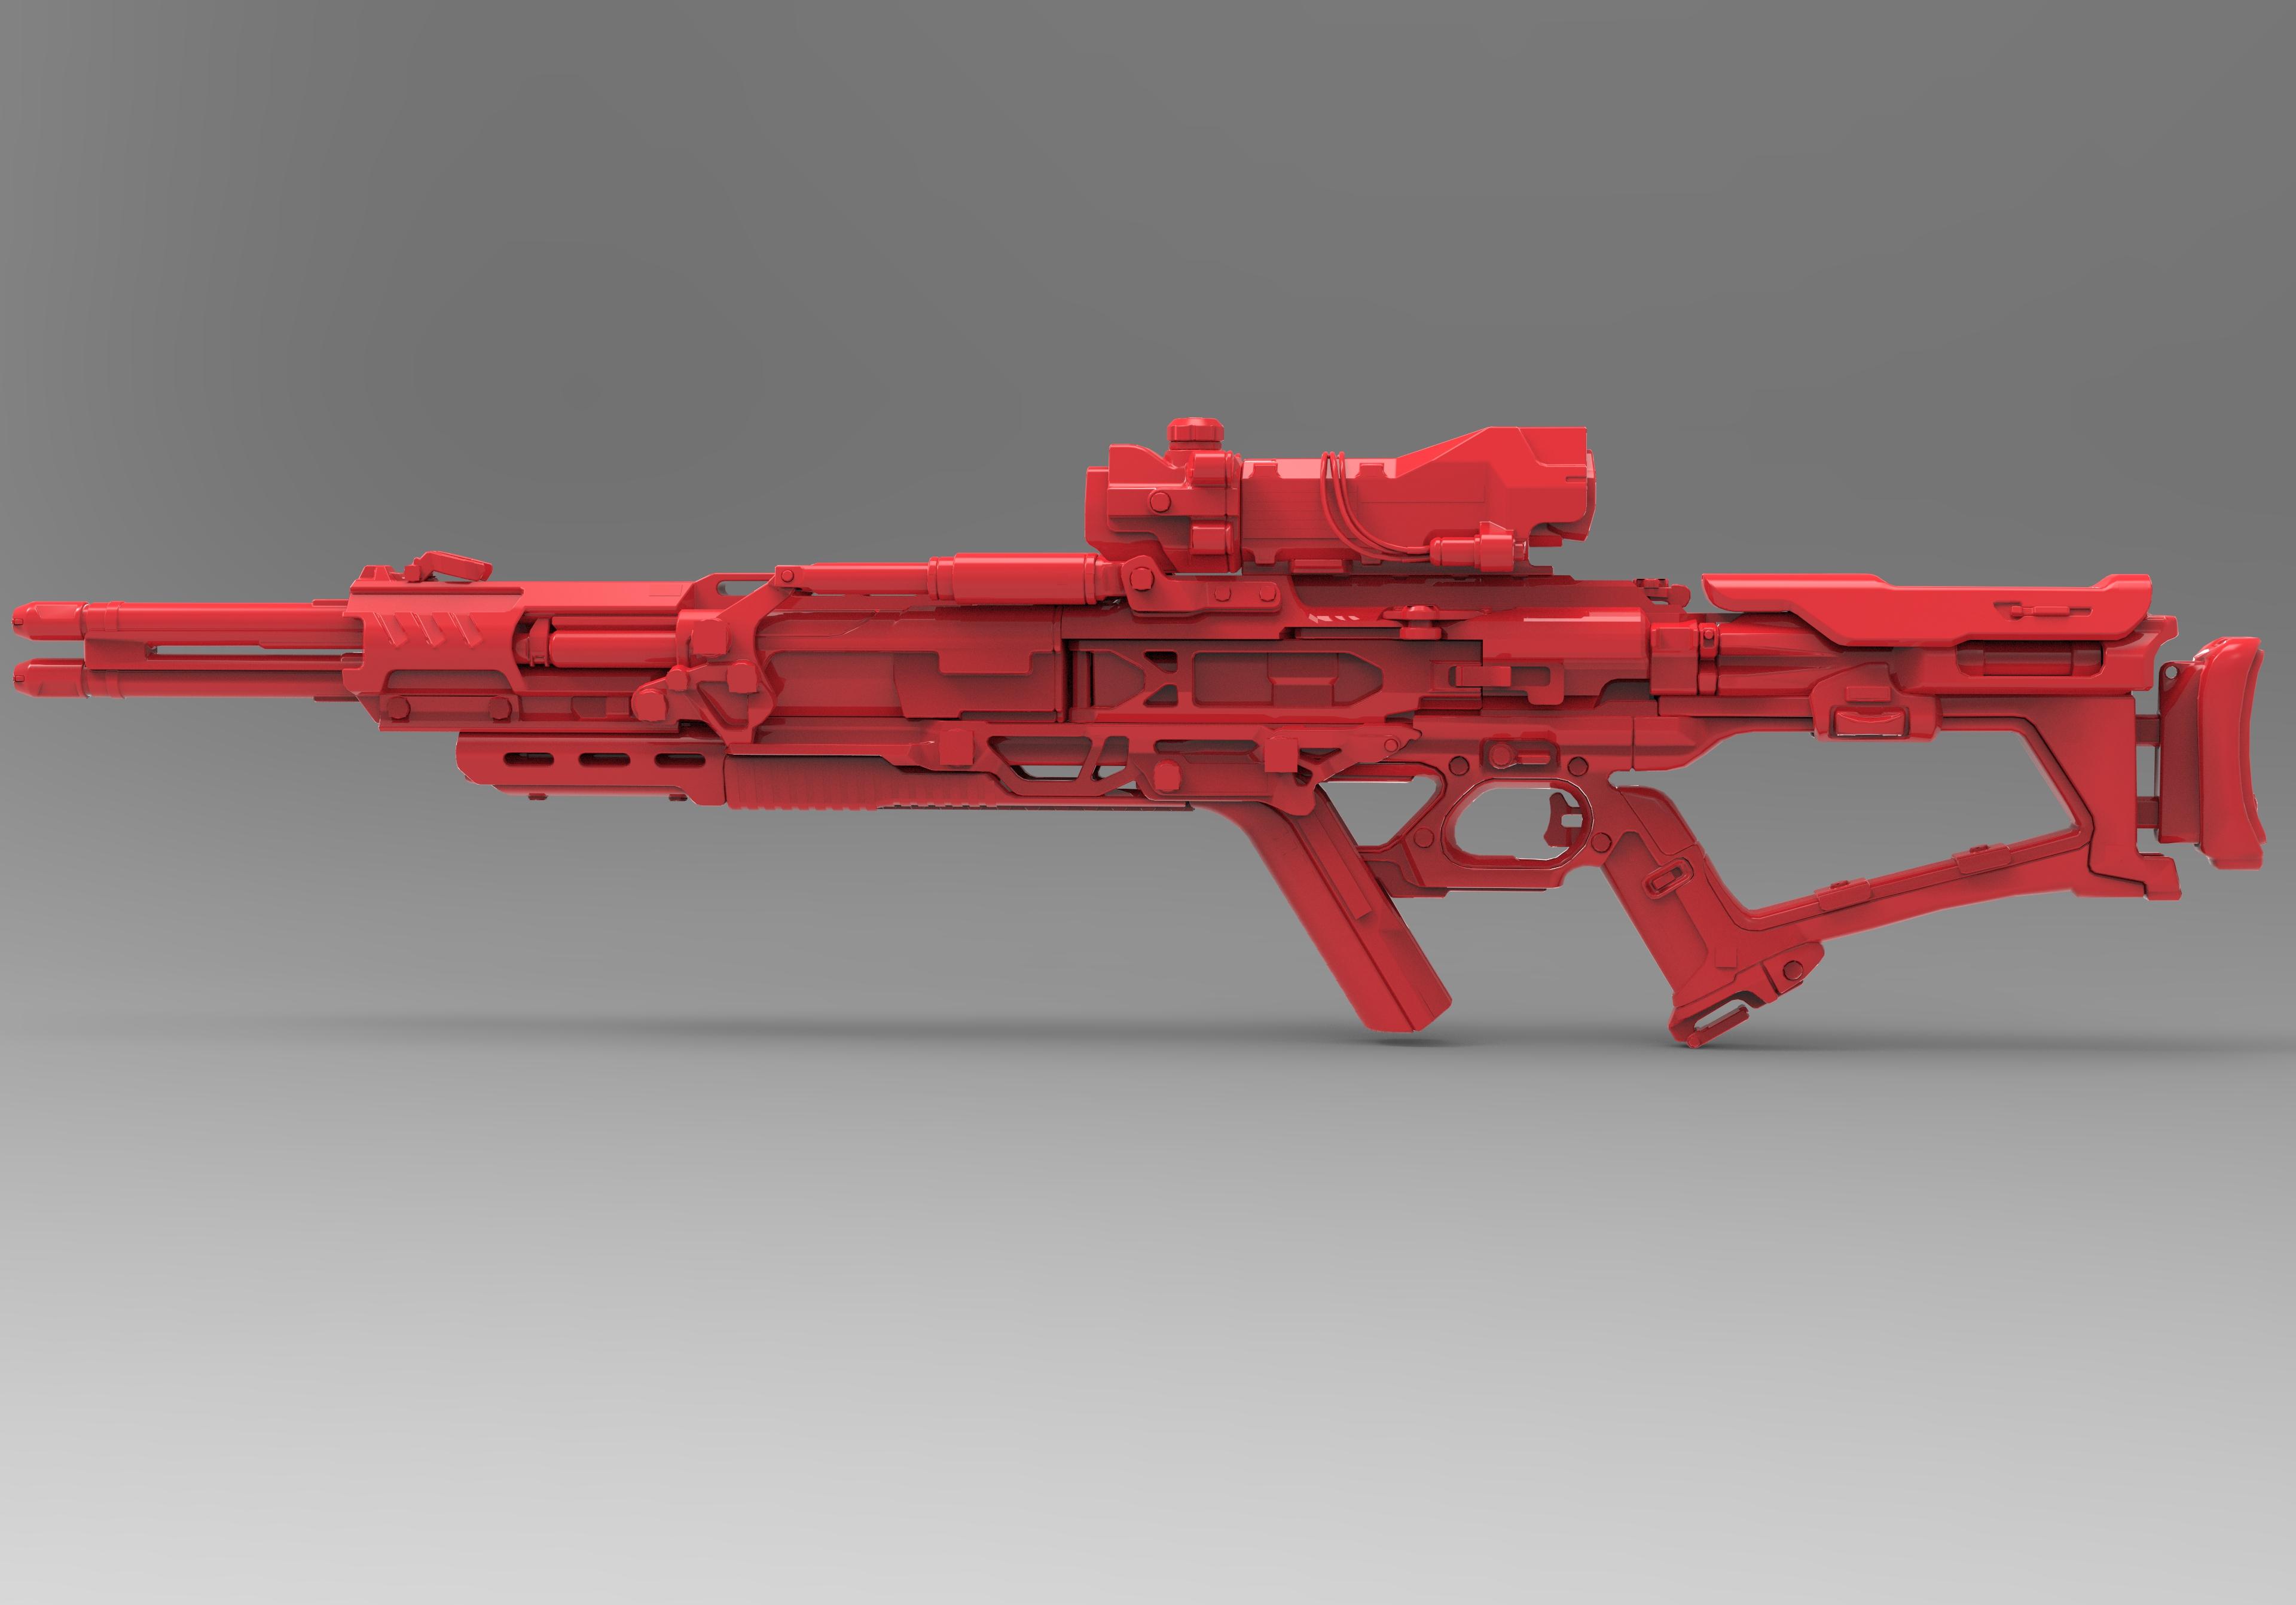 DE_Weapons_01